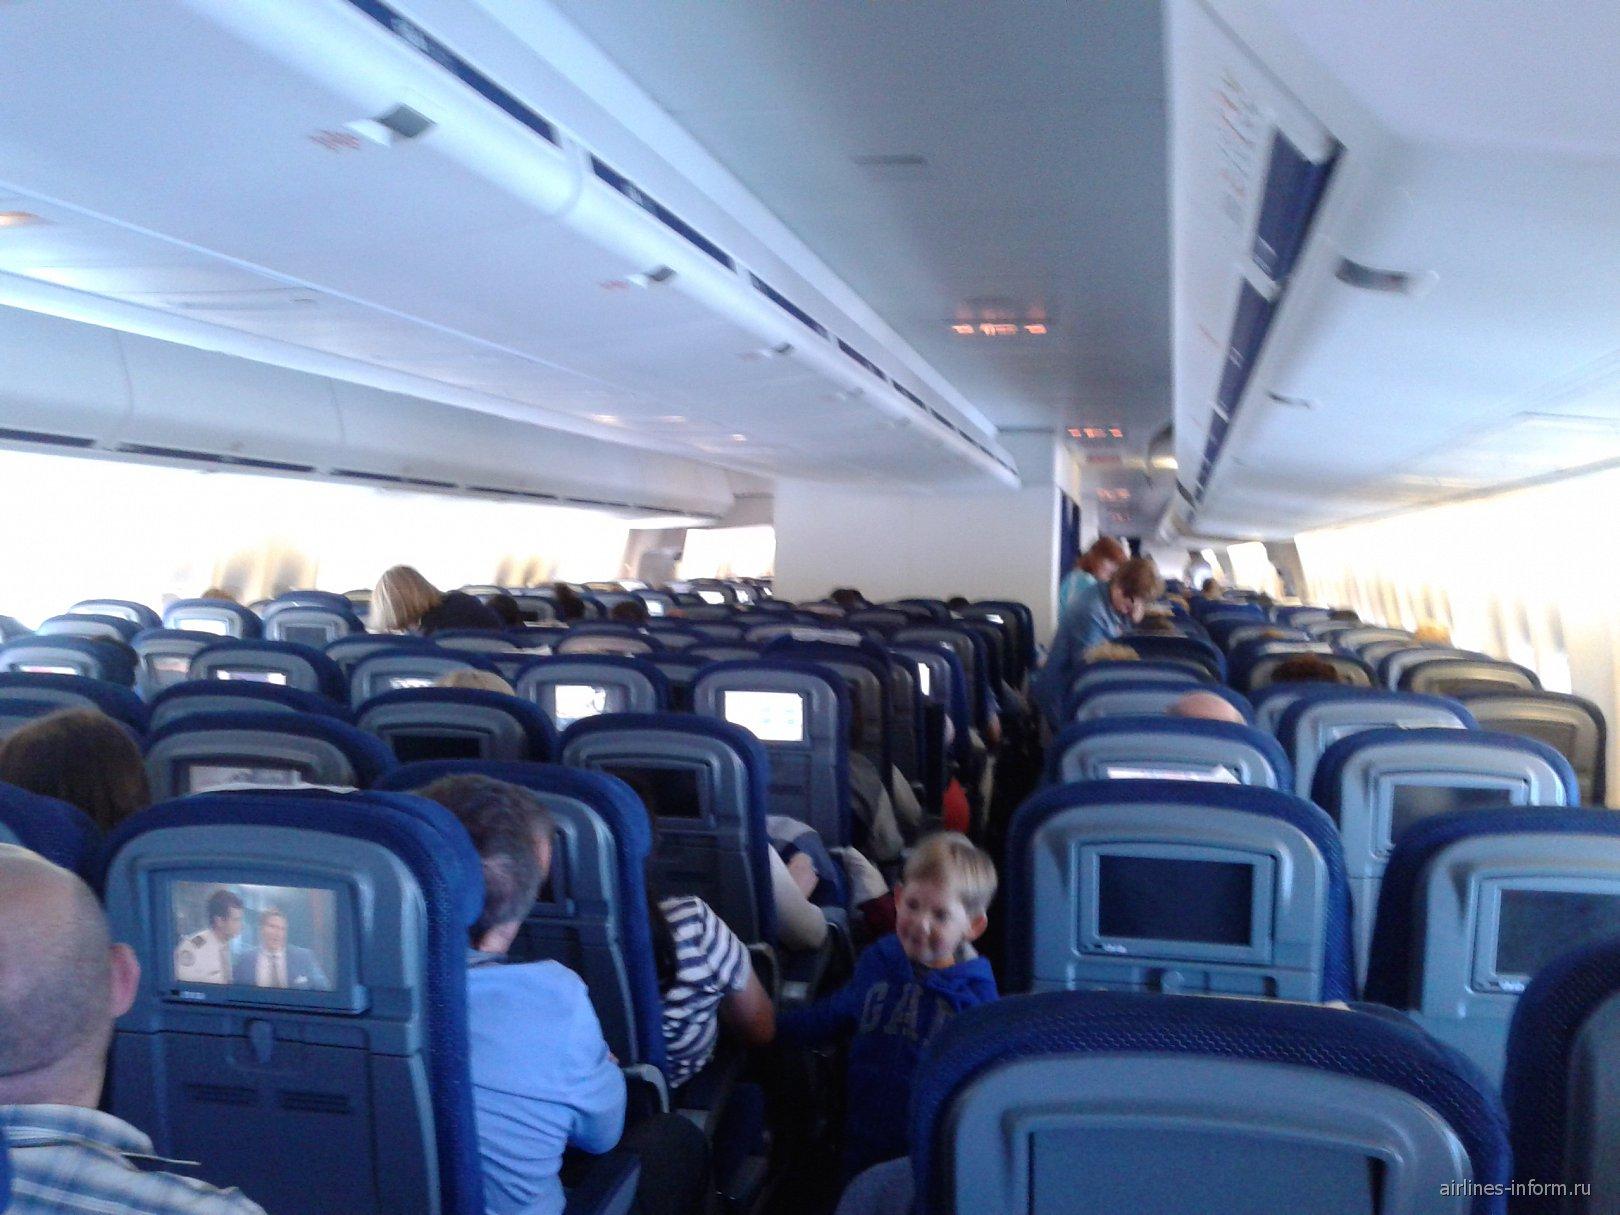 В Анталию на самолётах трансаэро (Ч.1)